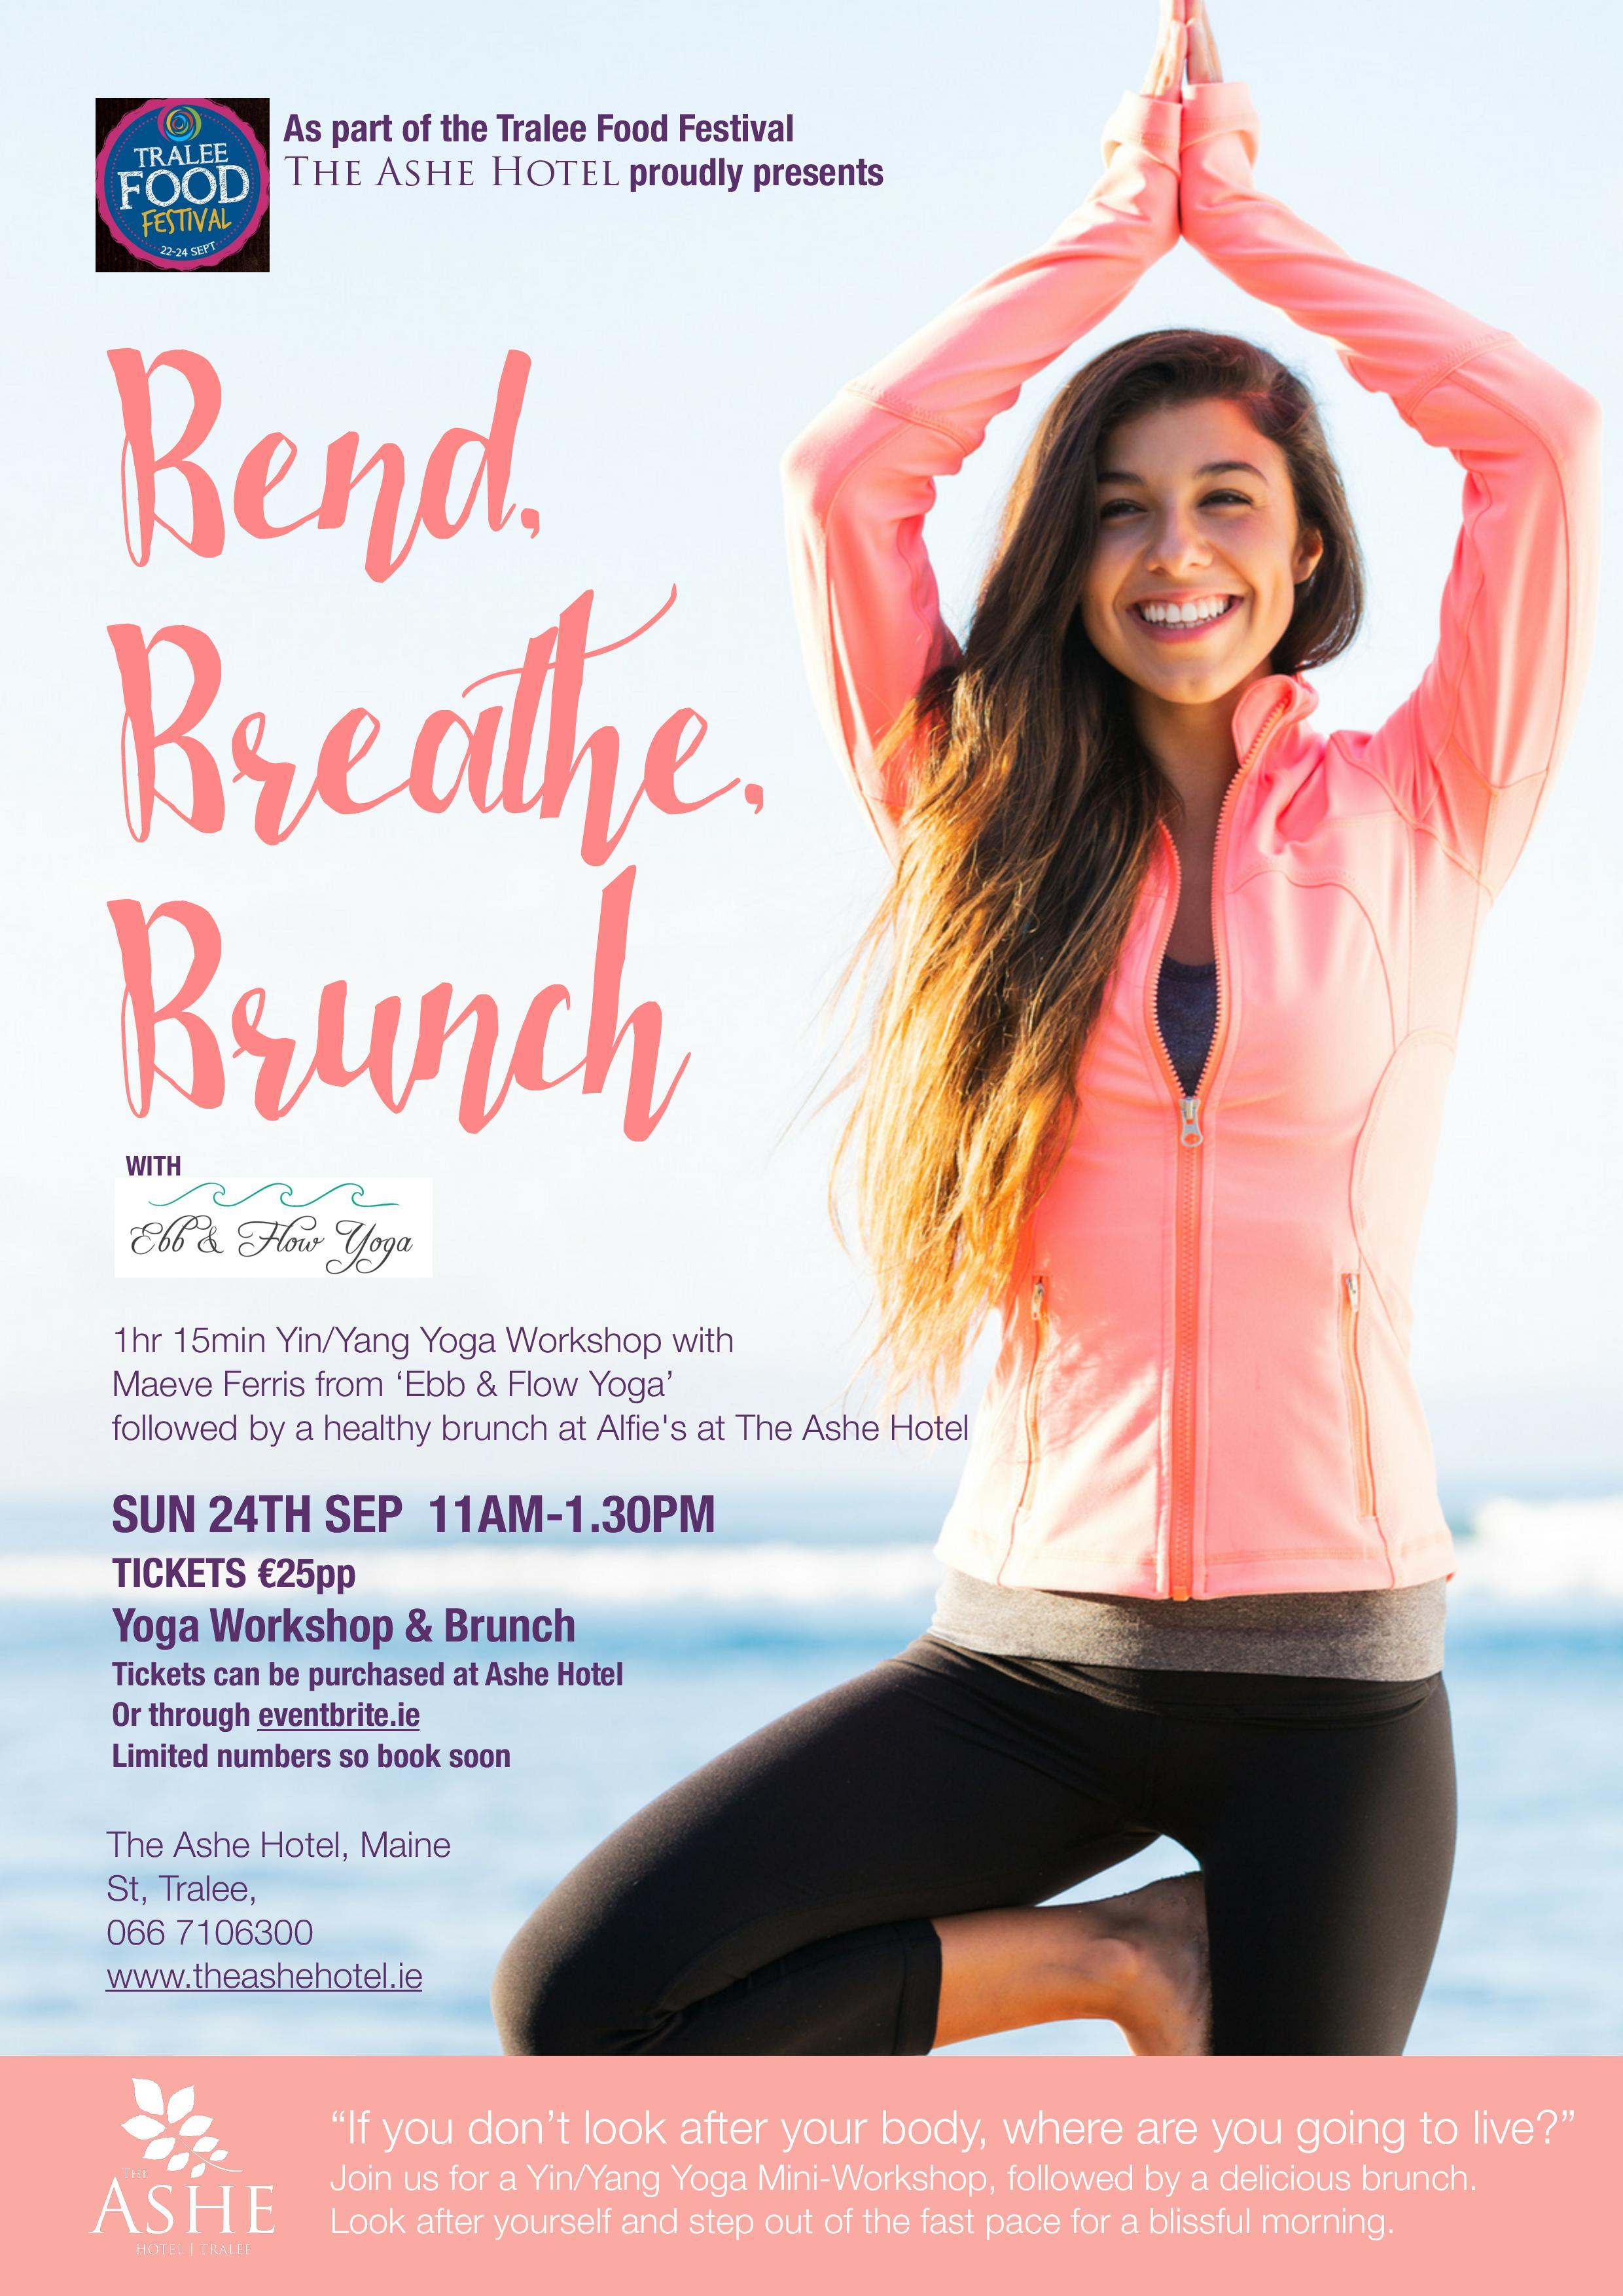 Bend, Breathe, Brunch Event Poster